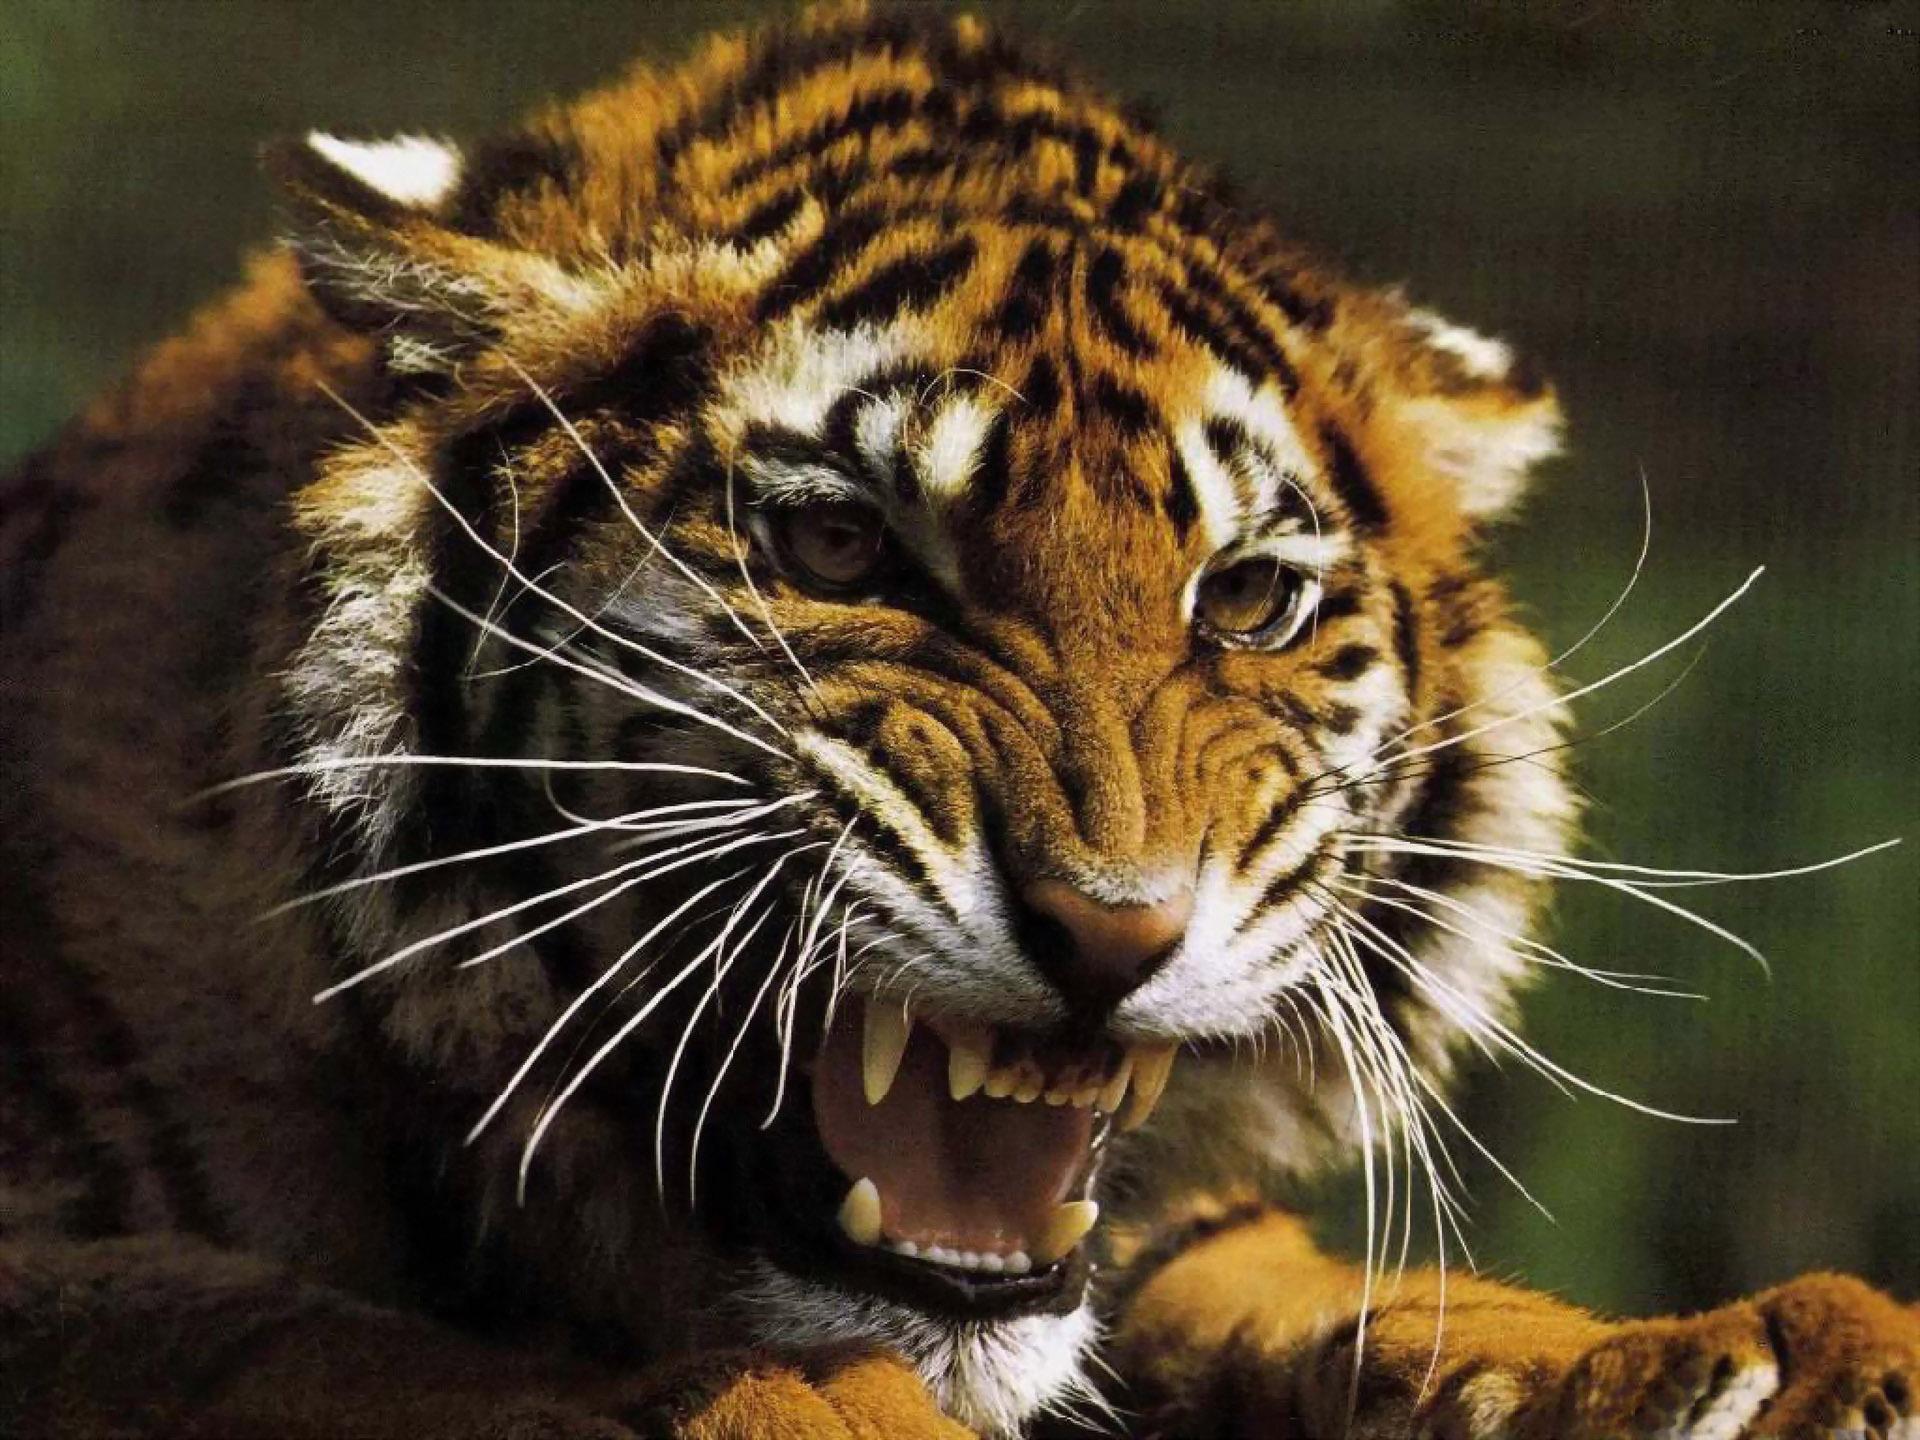 Картинка Тигр в ярости » Тигры ...: www.kartinki24.ru/kartinki/tigers/4539.html